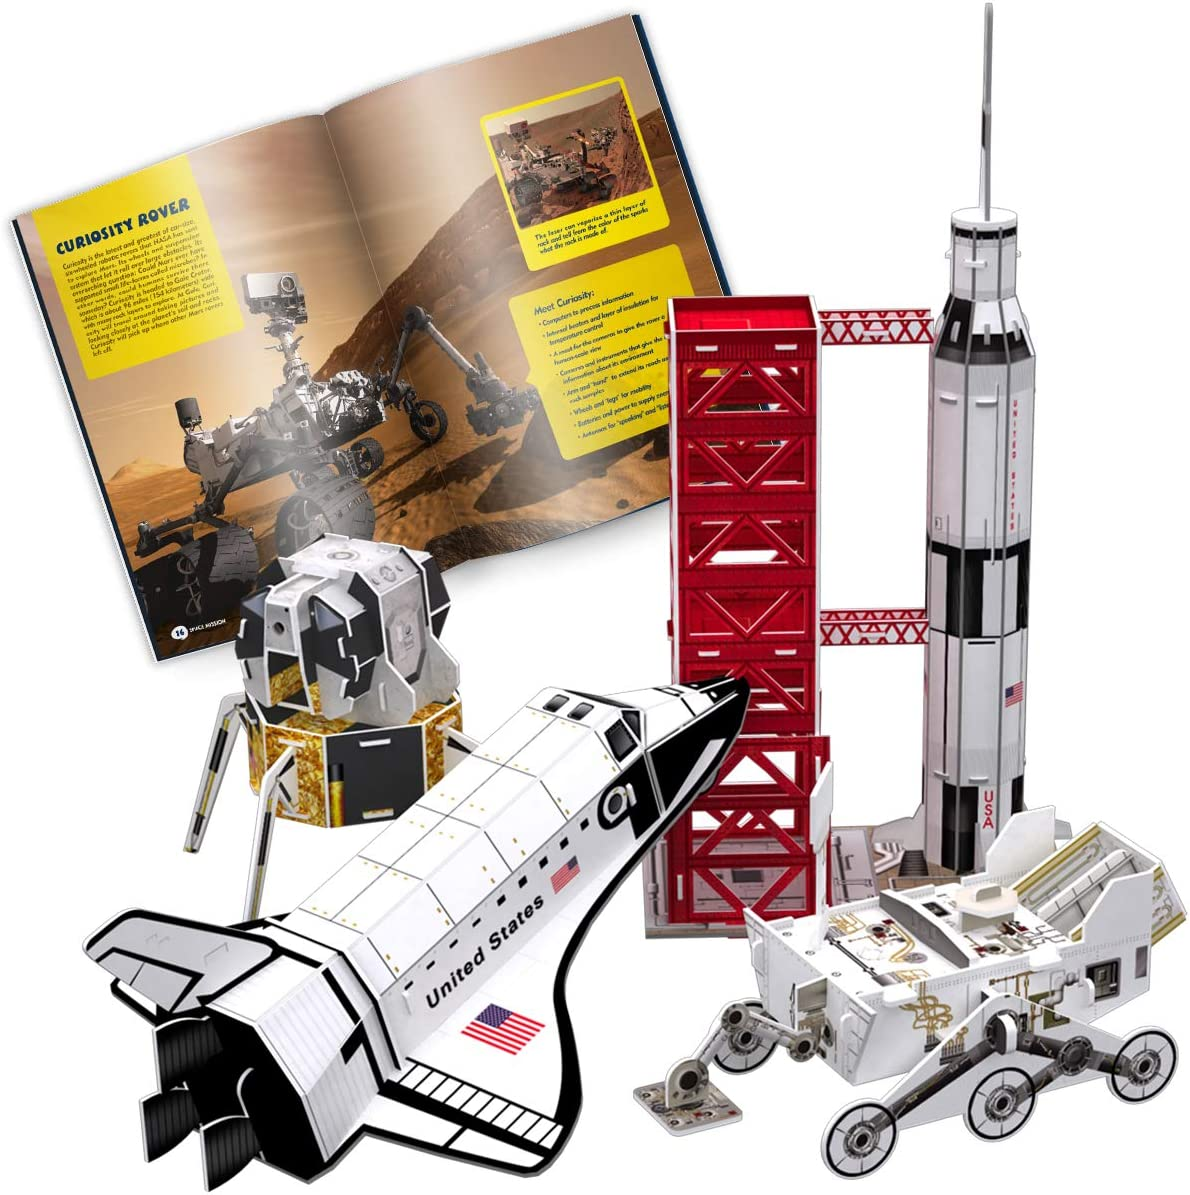 CubicFun Puzzle 3D National Geographic Kits de Modelos de misiones espaciales para niños y Adolescentes con folleto